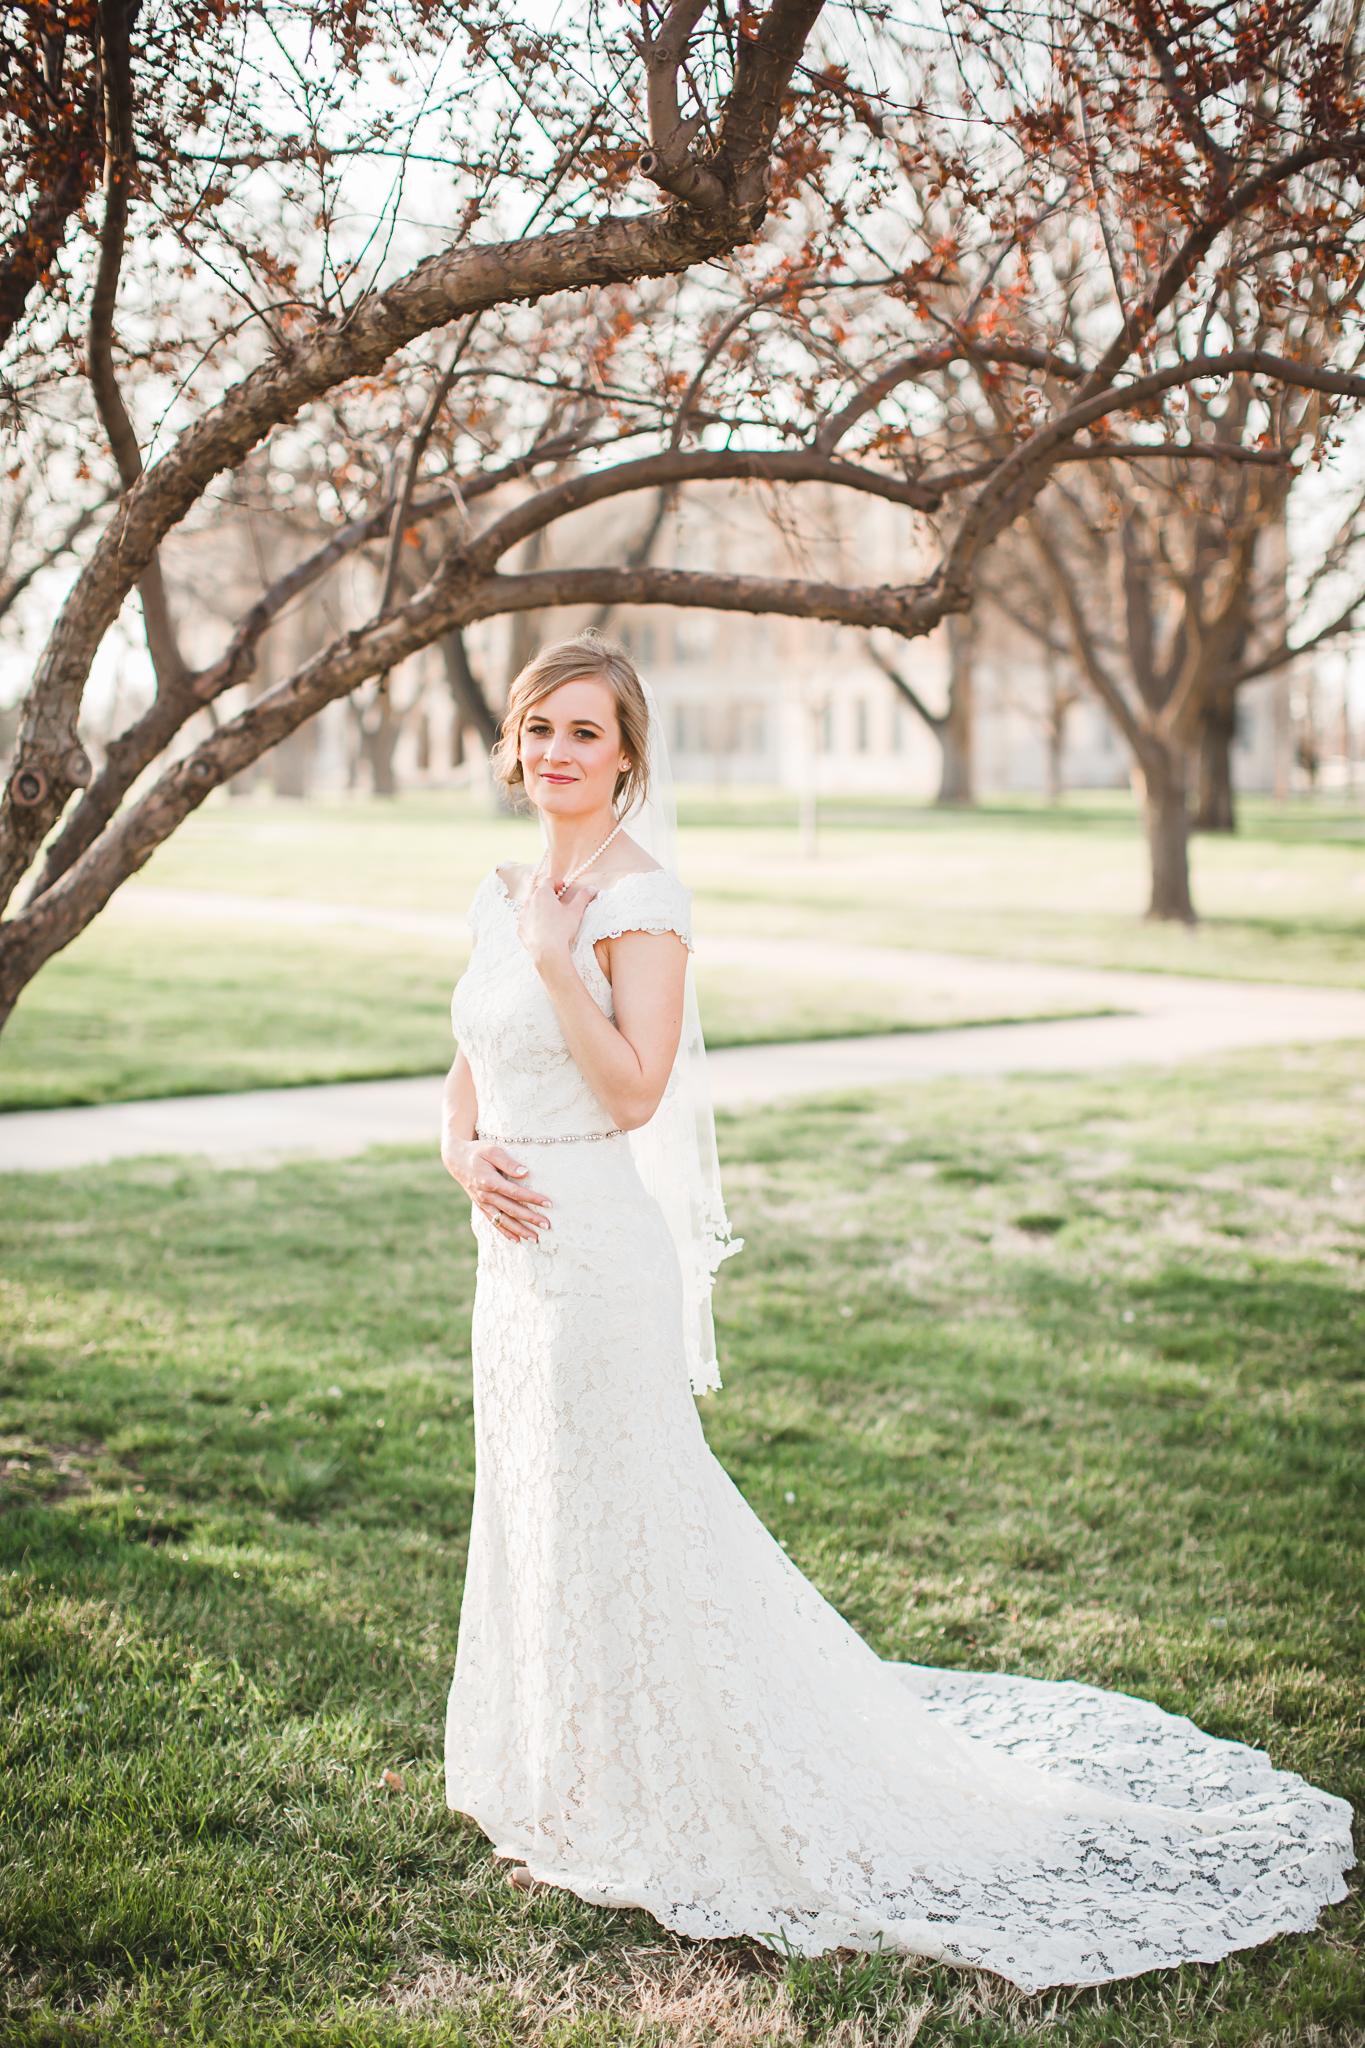 alyssa bridal blog-11.jpg